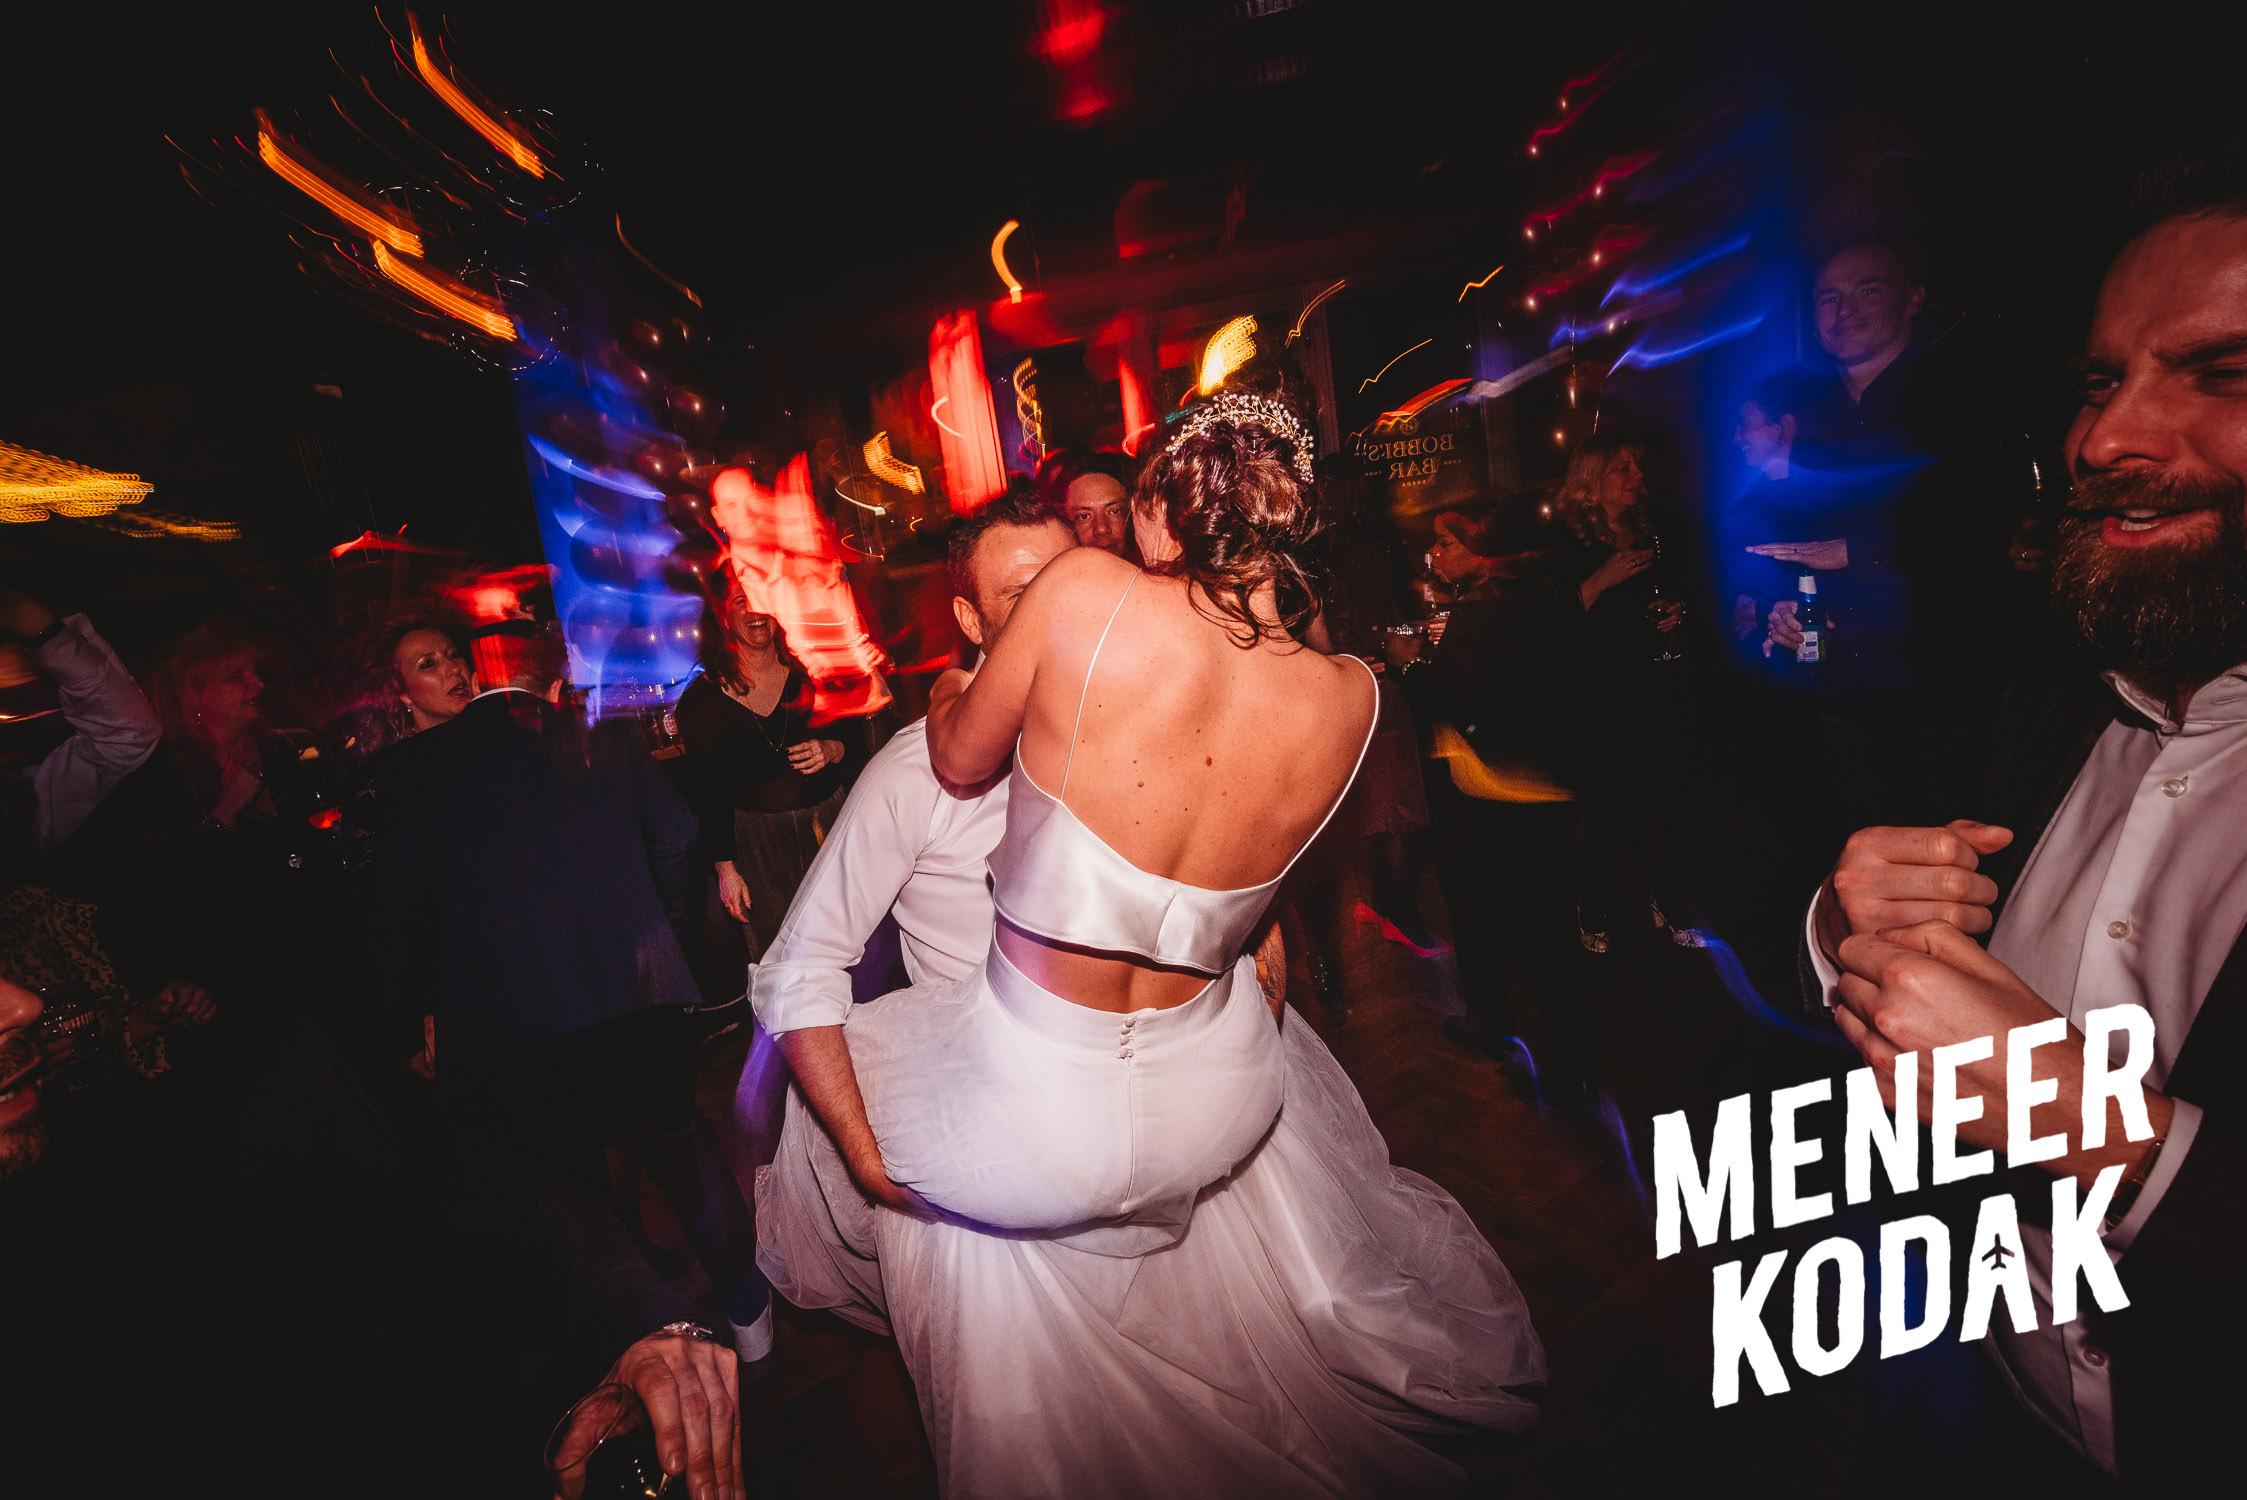 Meneer Kodak - Bruidsfotograaf - Breda - S&R-103.jpg